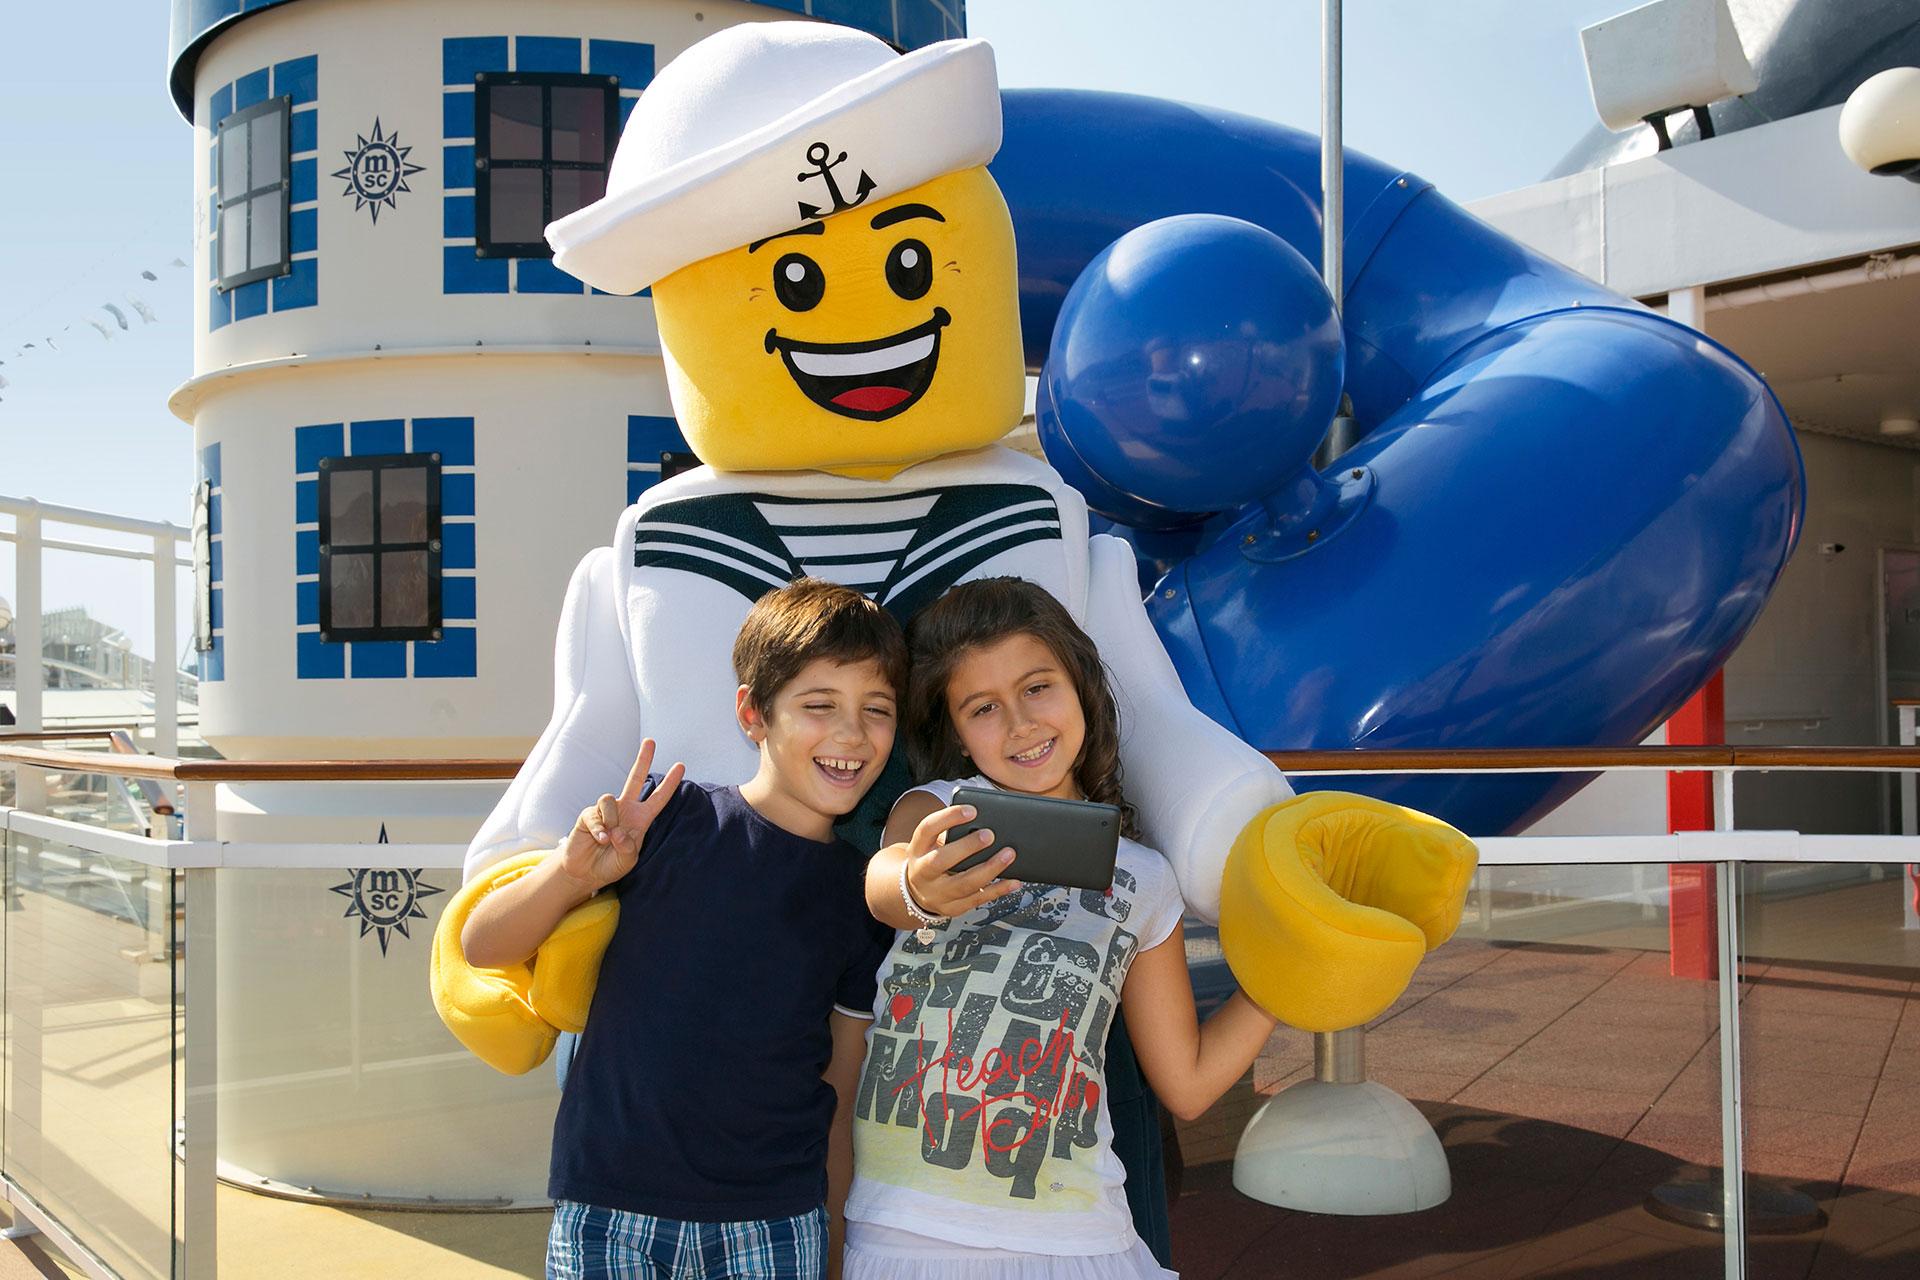 Kids on MSC Cruise; Courtesy of MSC Cruises